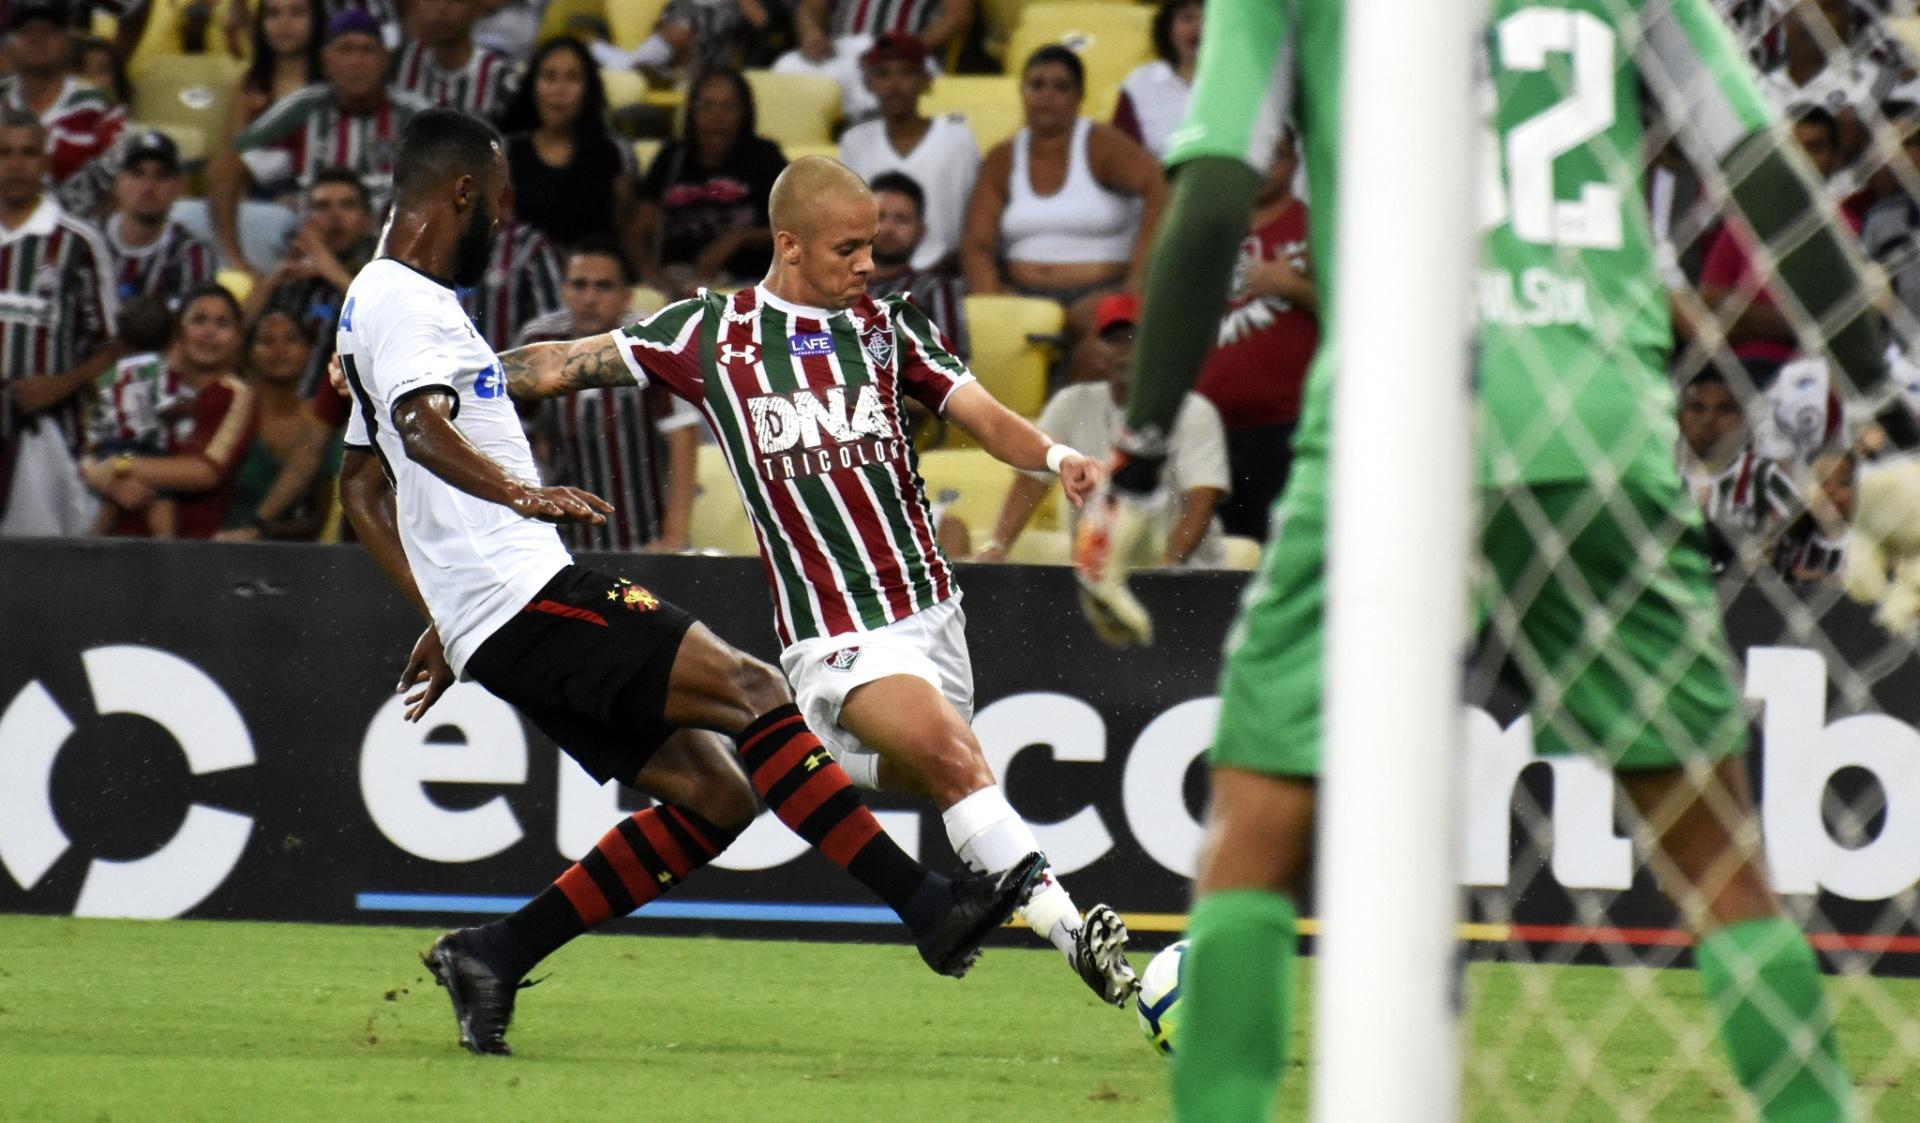 Flu terá esquema ofensivo diante do Ceará